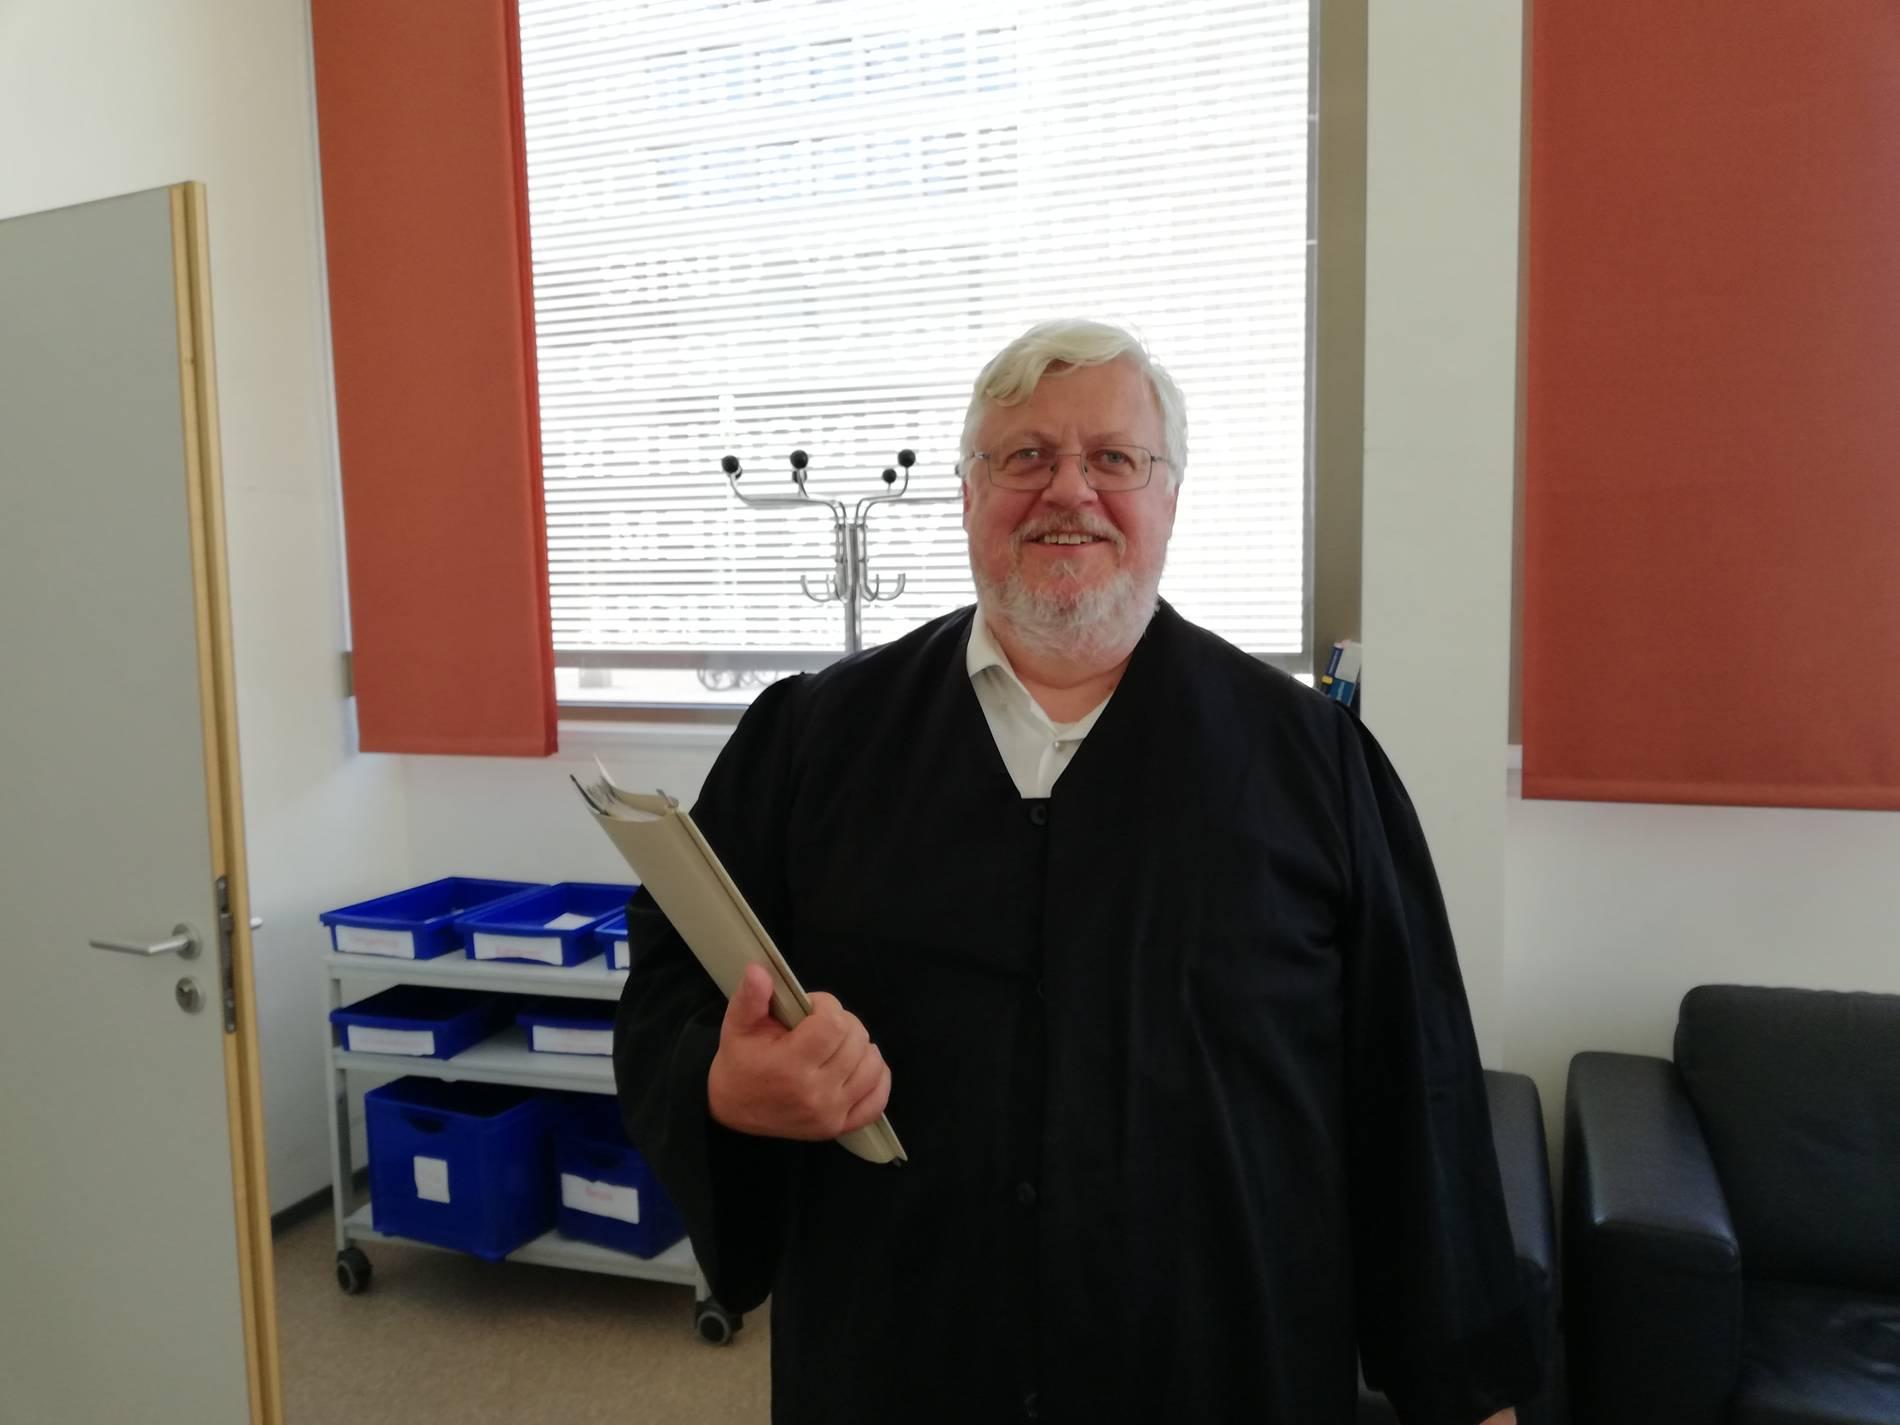 Dusseldorf Richter Schliesst Bei 30 Grad Anwalt Ohne Schlips Vom Prozess Aus